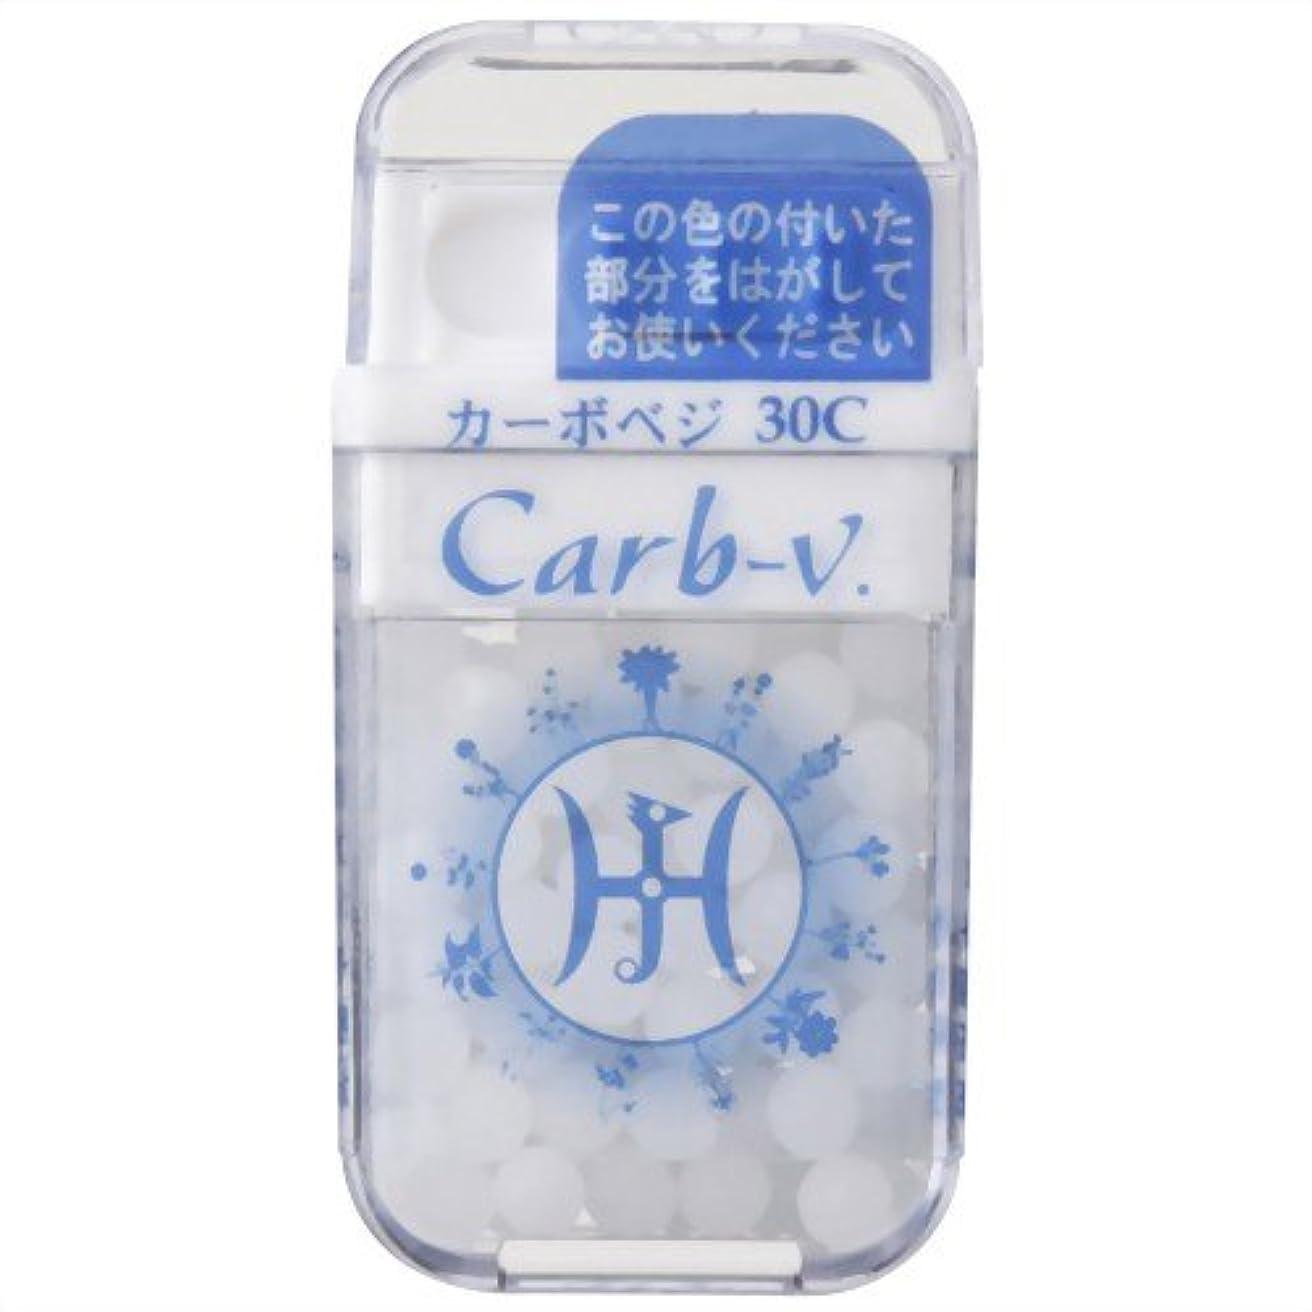 レジデンス空無線ホメオパシージャパンレメディー Carb-v.  カーボベジ 30C (大ビン)